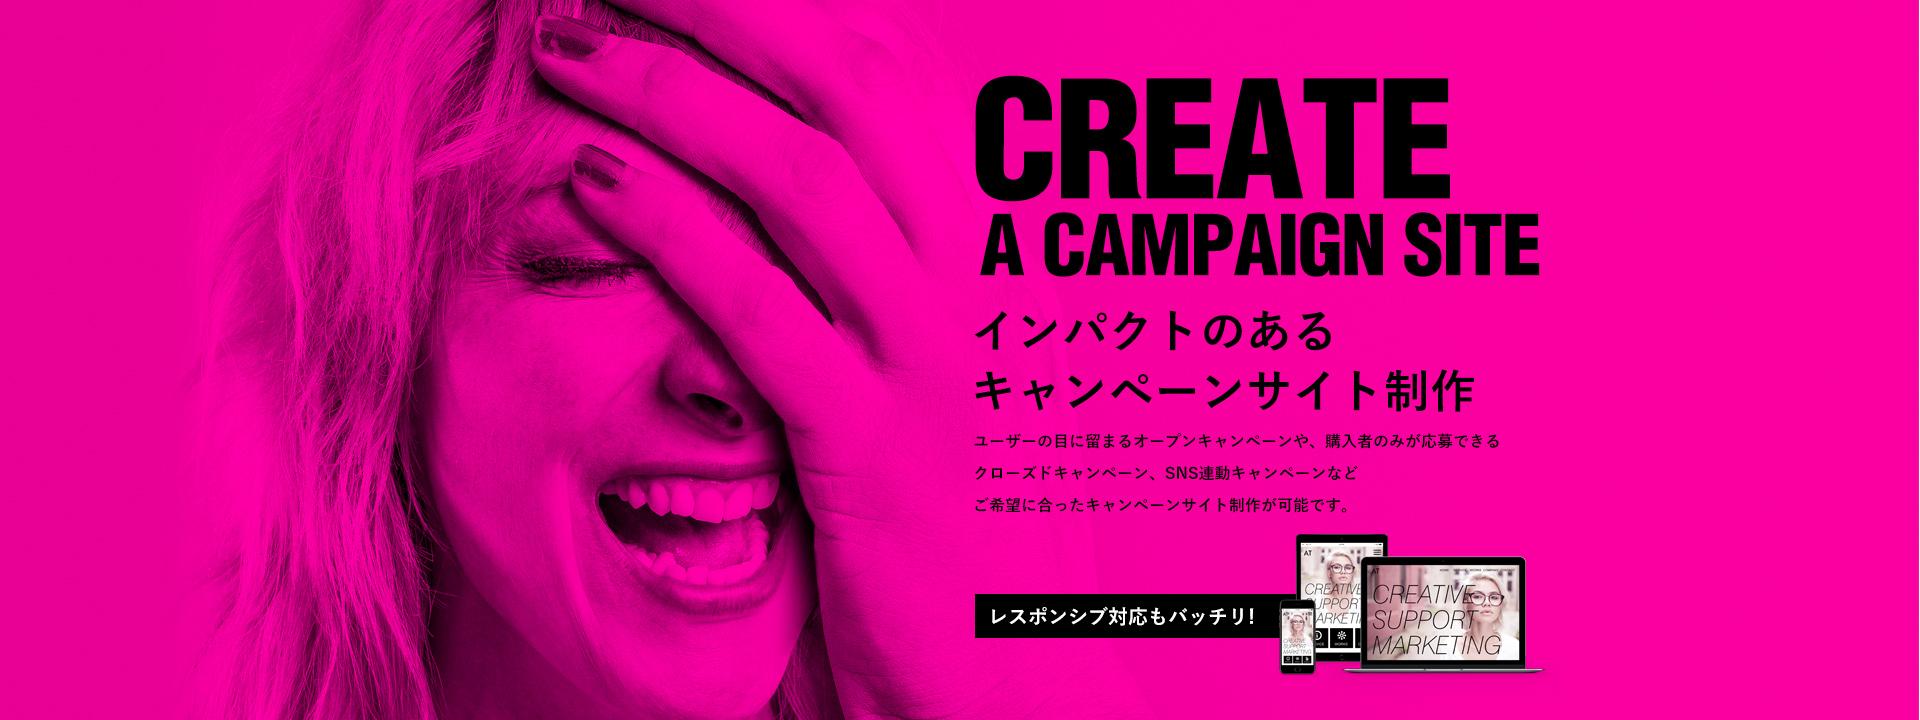 キャンペーンサイトを作りたい